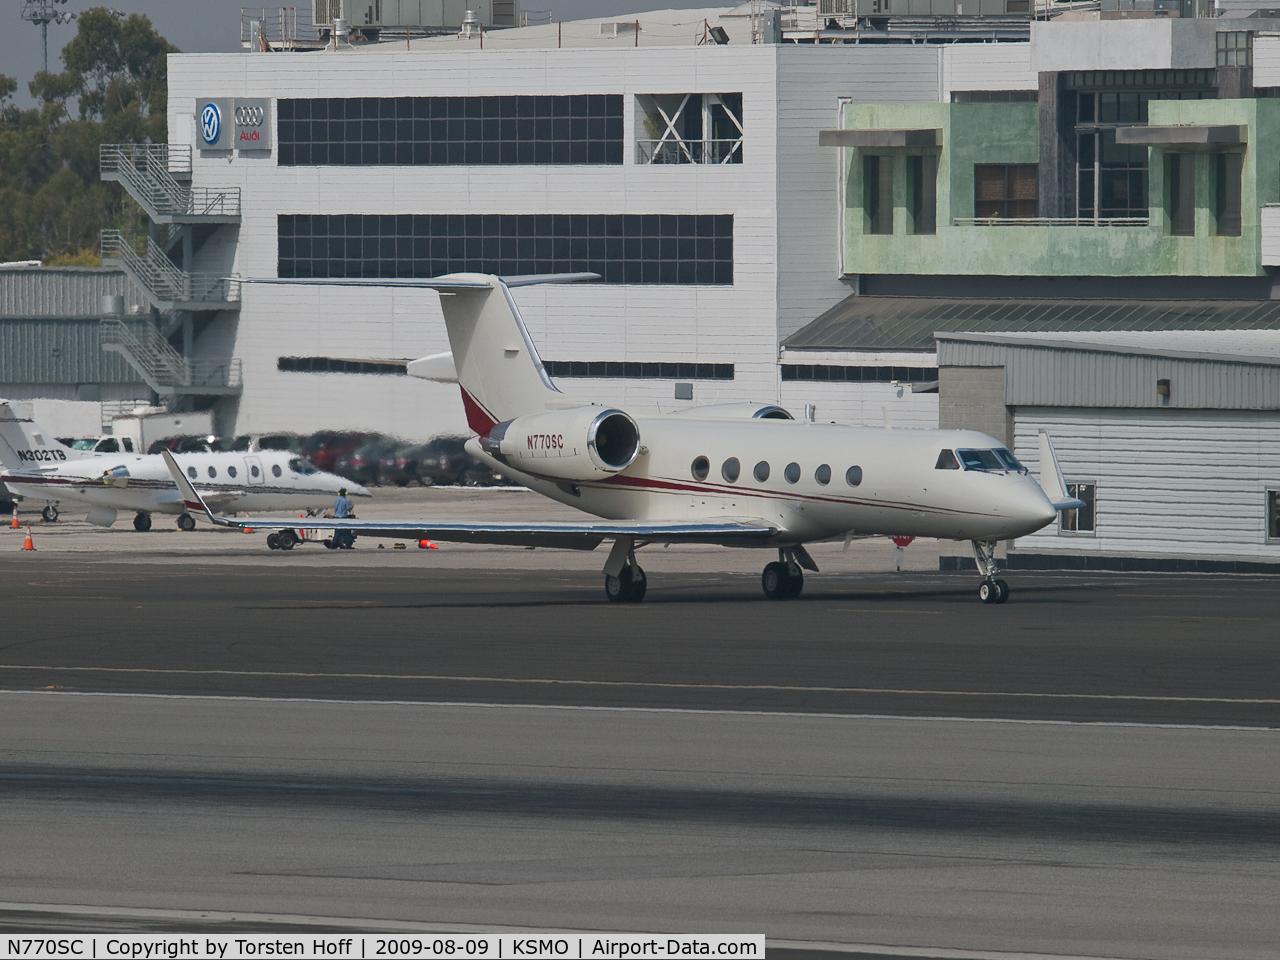 N770SC, 1988 Gulfstream Aerospace G-IV C/N 1056, N770SC taxiing